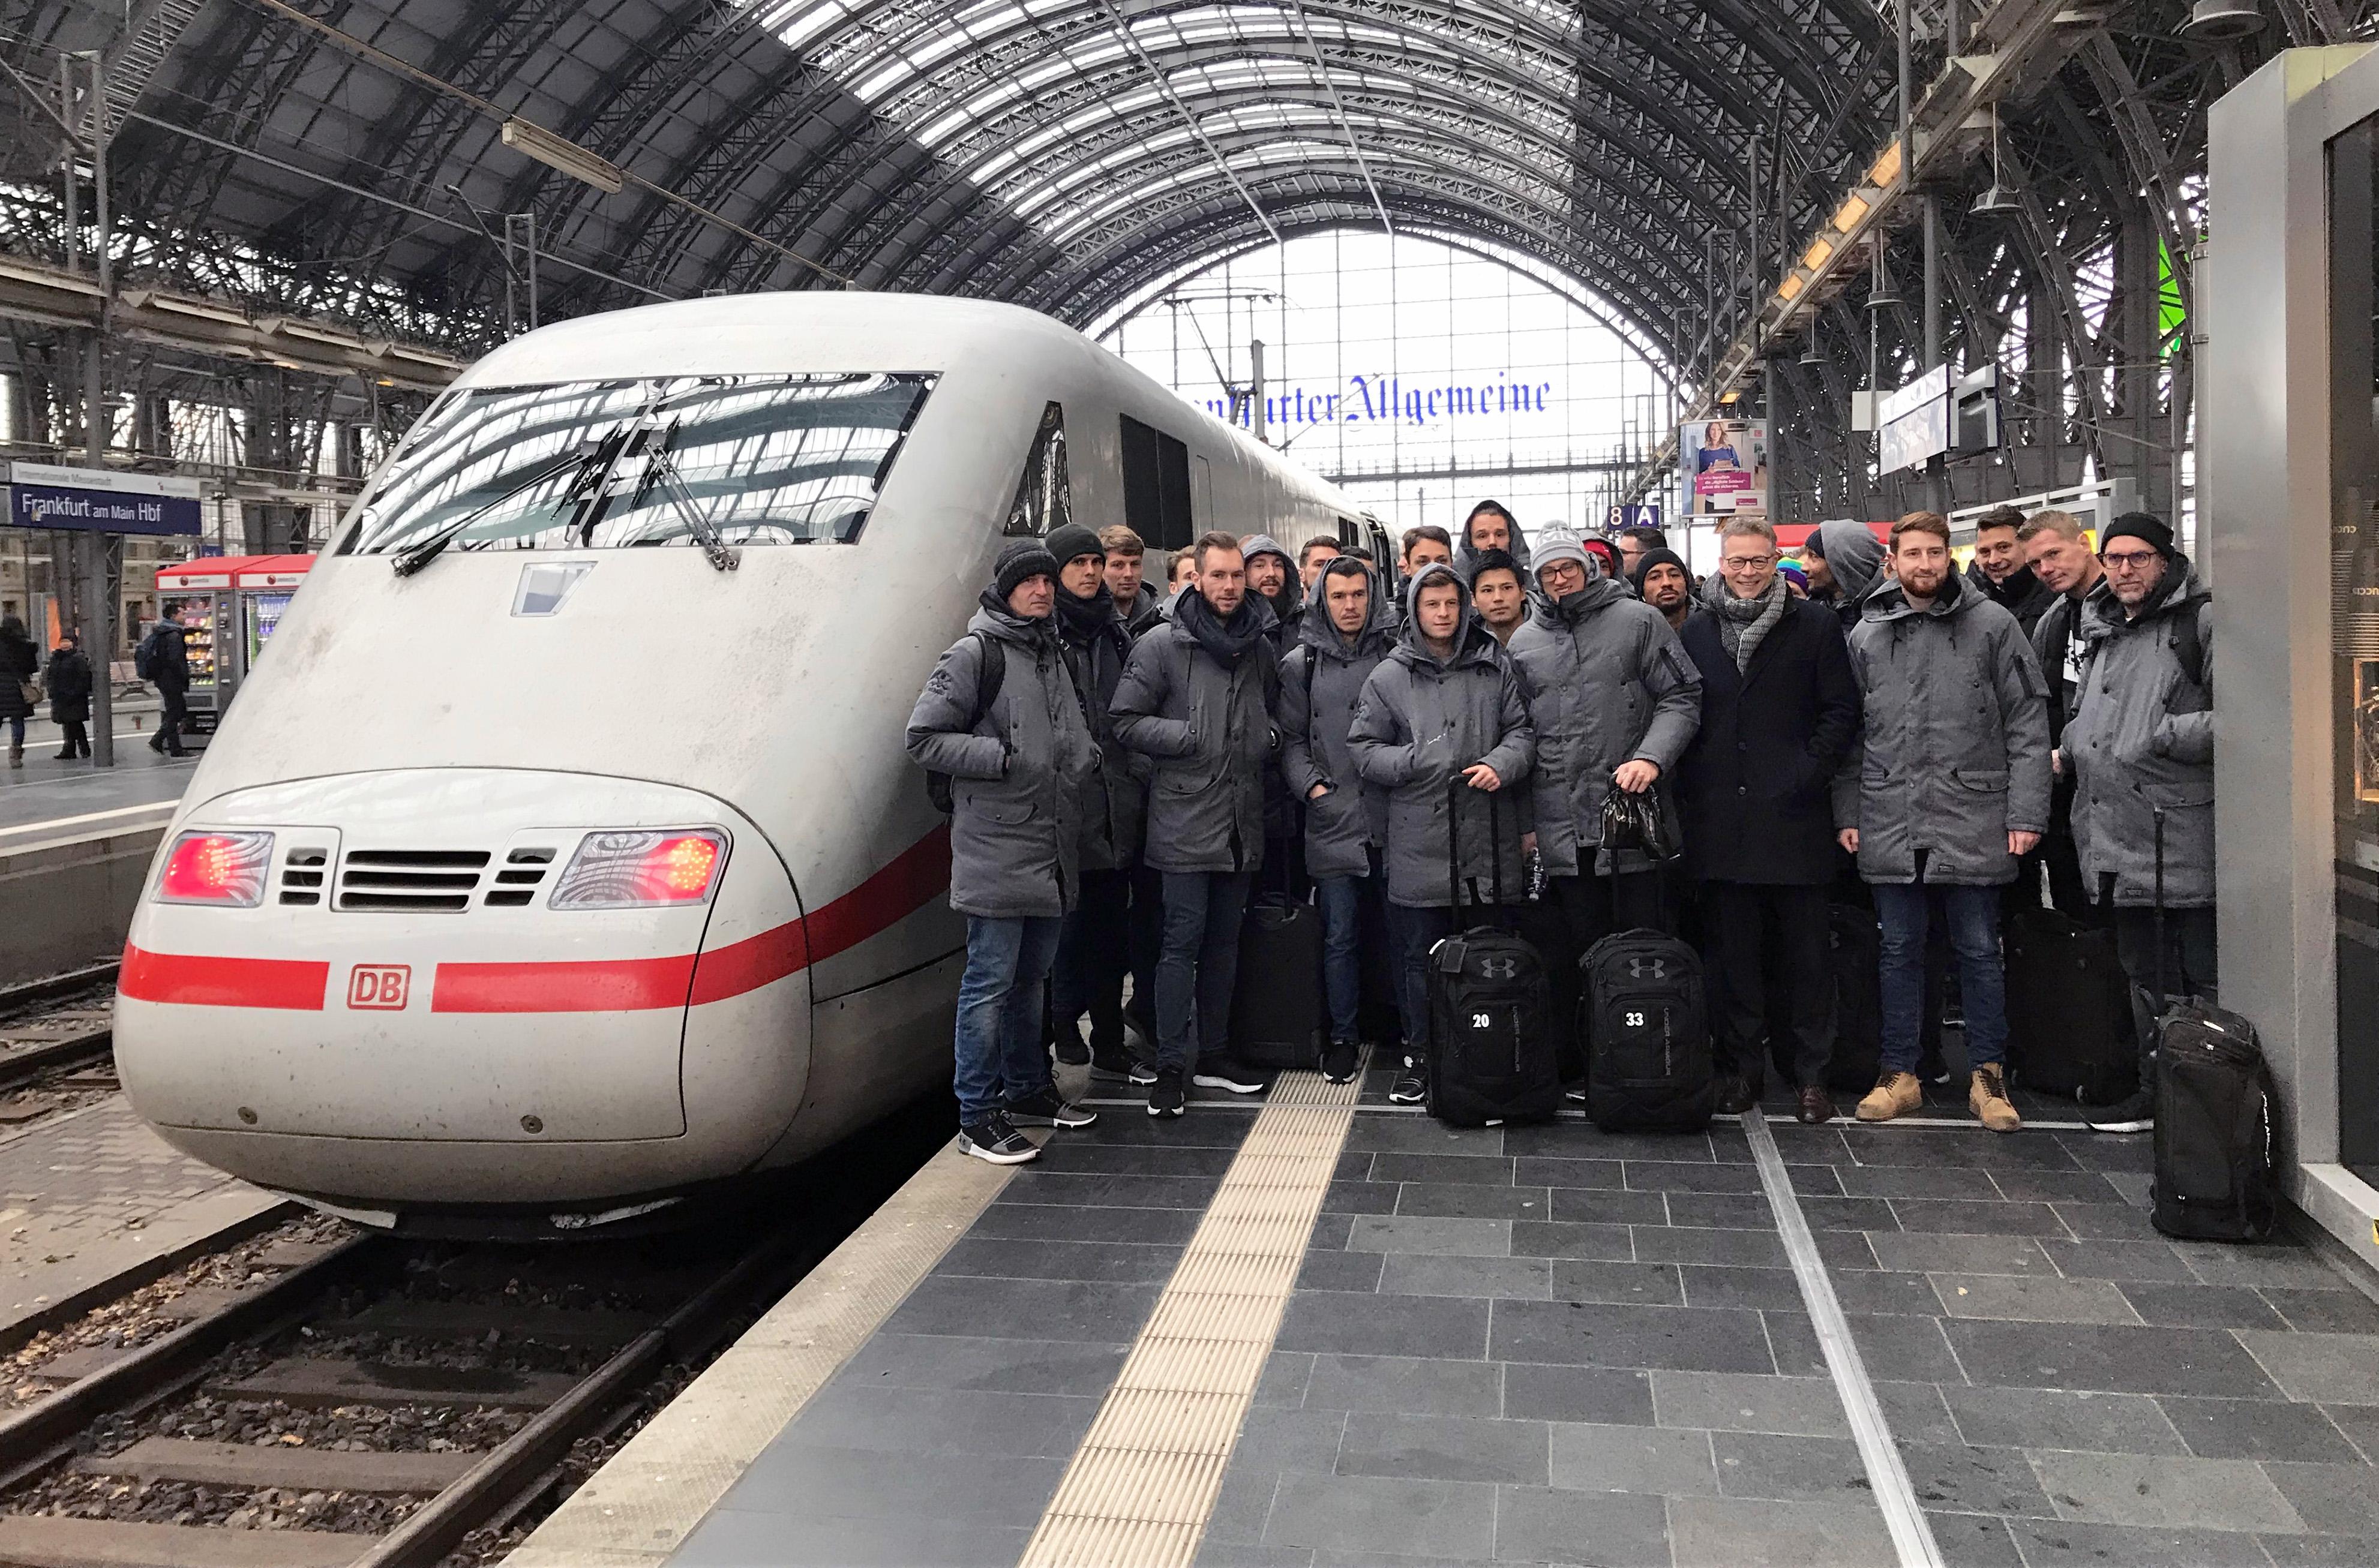 Gute Umweltbilanz durch Auswärtsfahrten mit der Deutschen Bahn